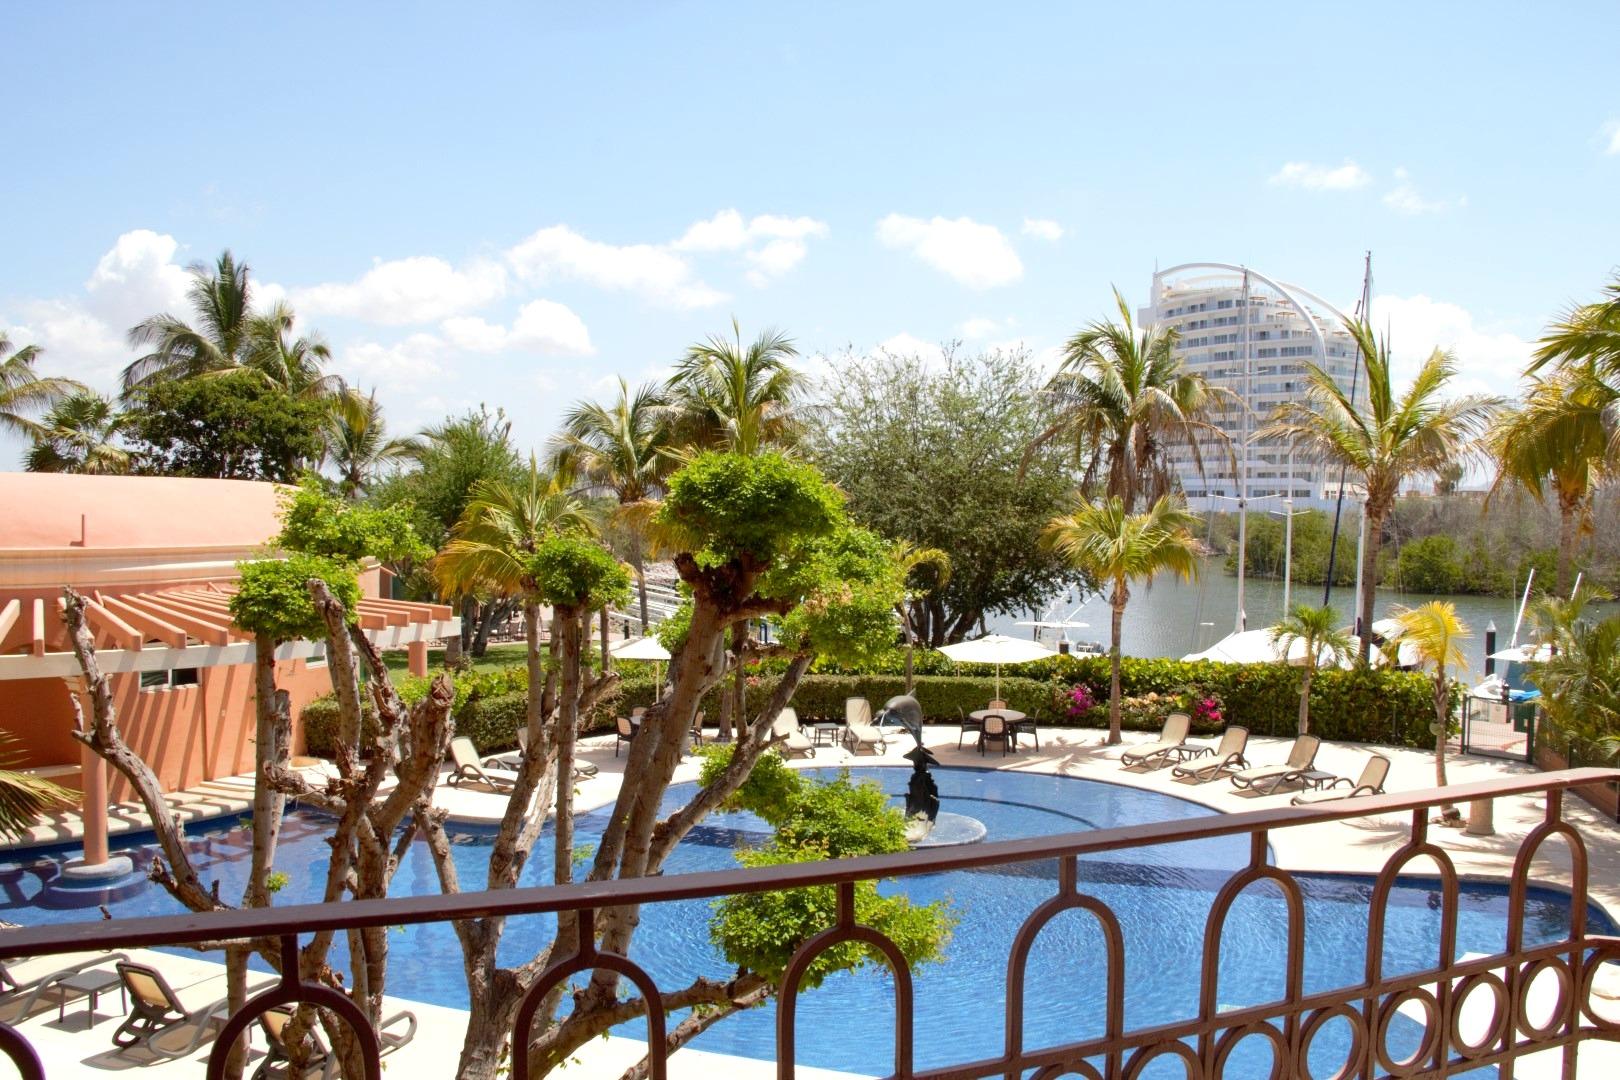 Pool and marina views.